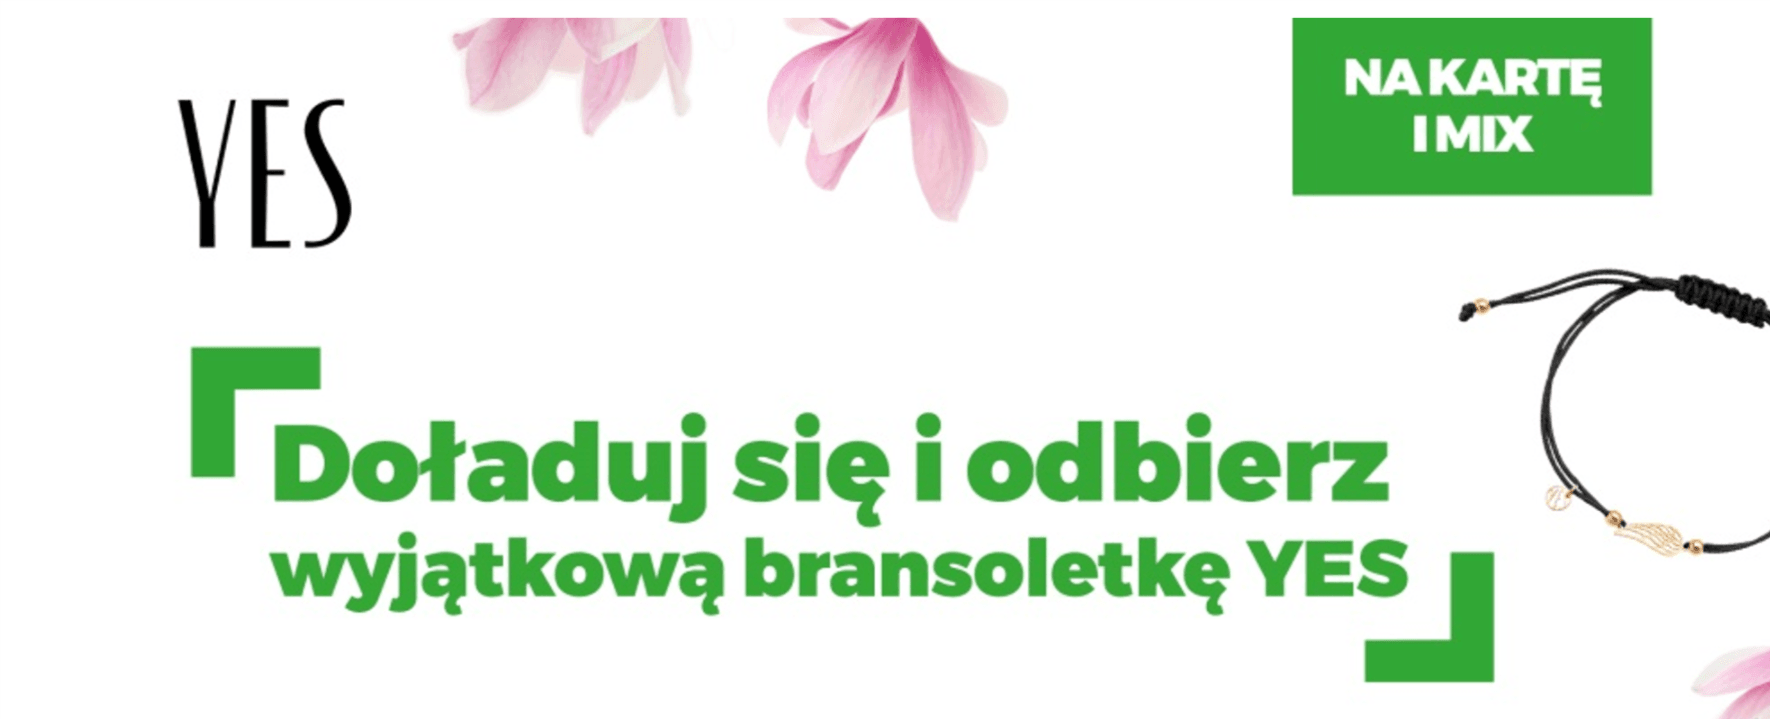 Promocja na Dzień Kobiet w Plusie: doładuj konto za 50 zł, a dostaniesz bransoletkę w prezencie 26